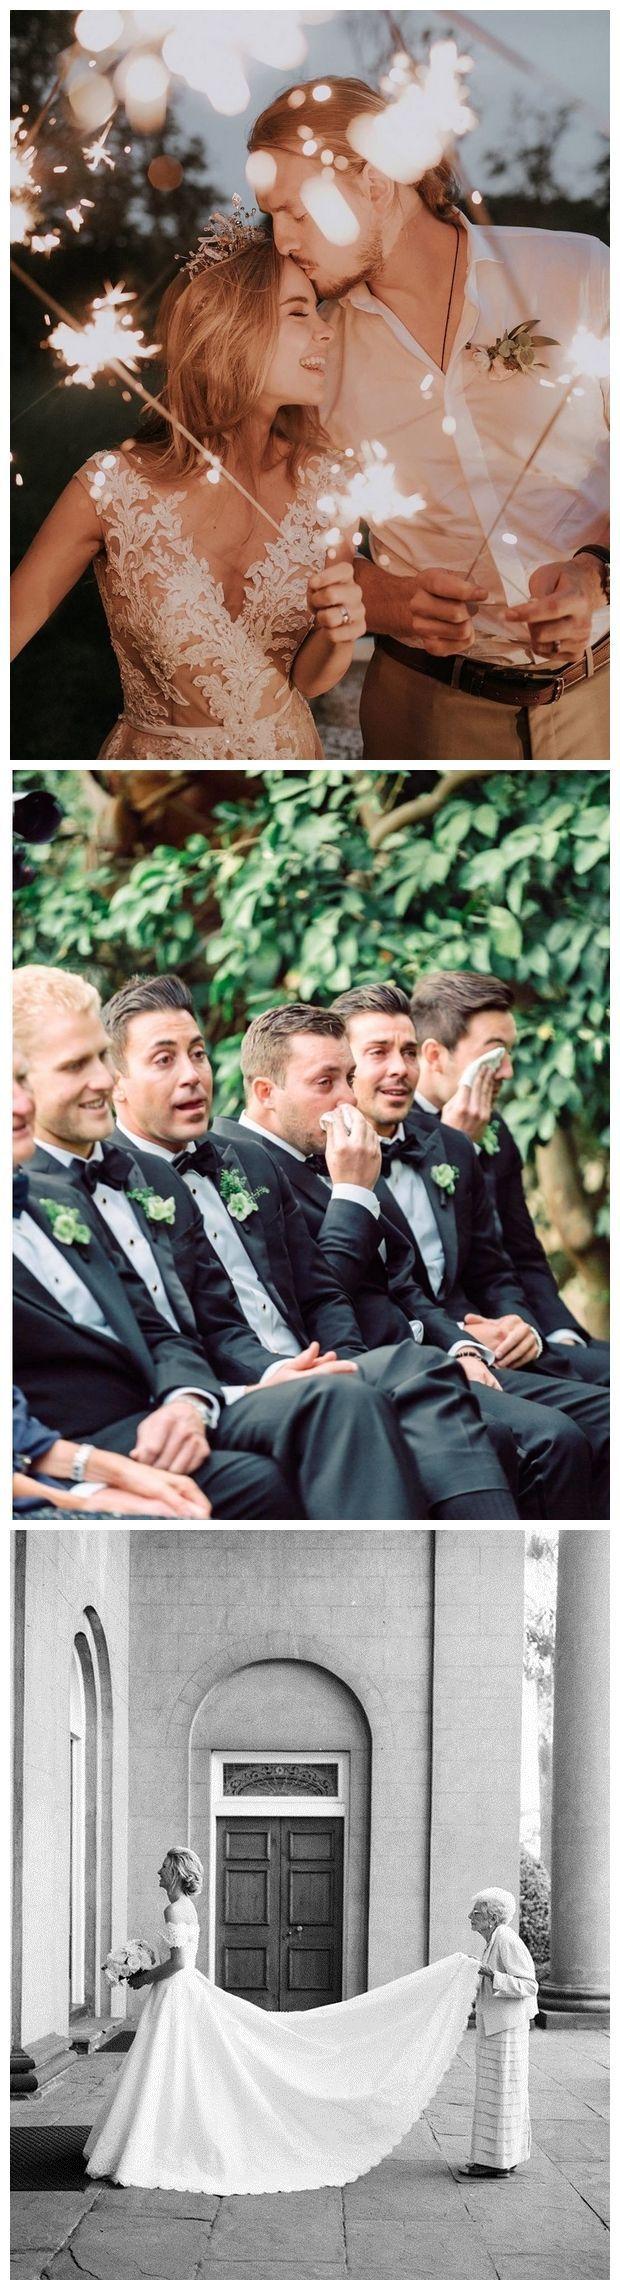 20 Must Have Wedding Photo Ideas You'll Love - Hochzeitsgeschenk